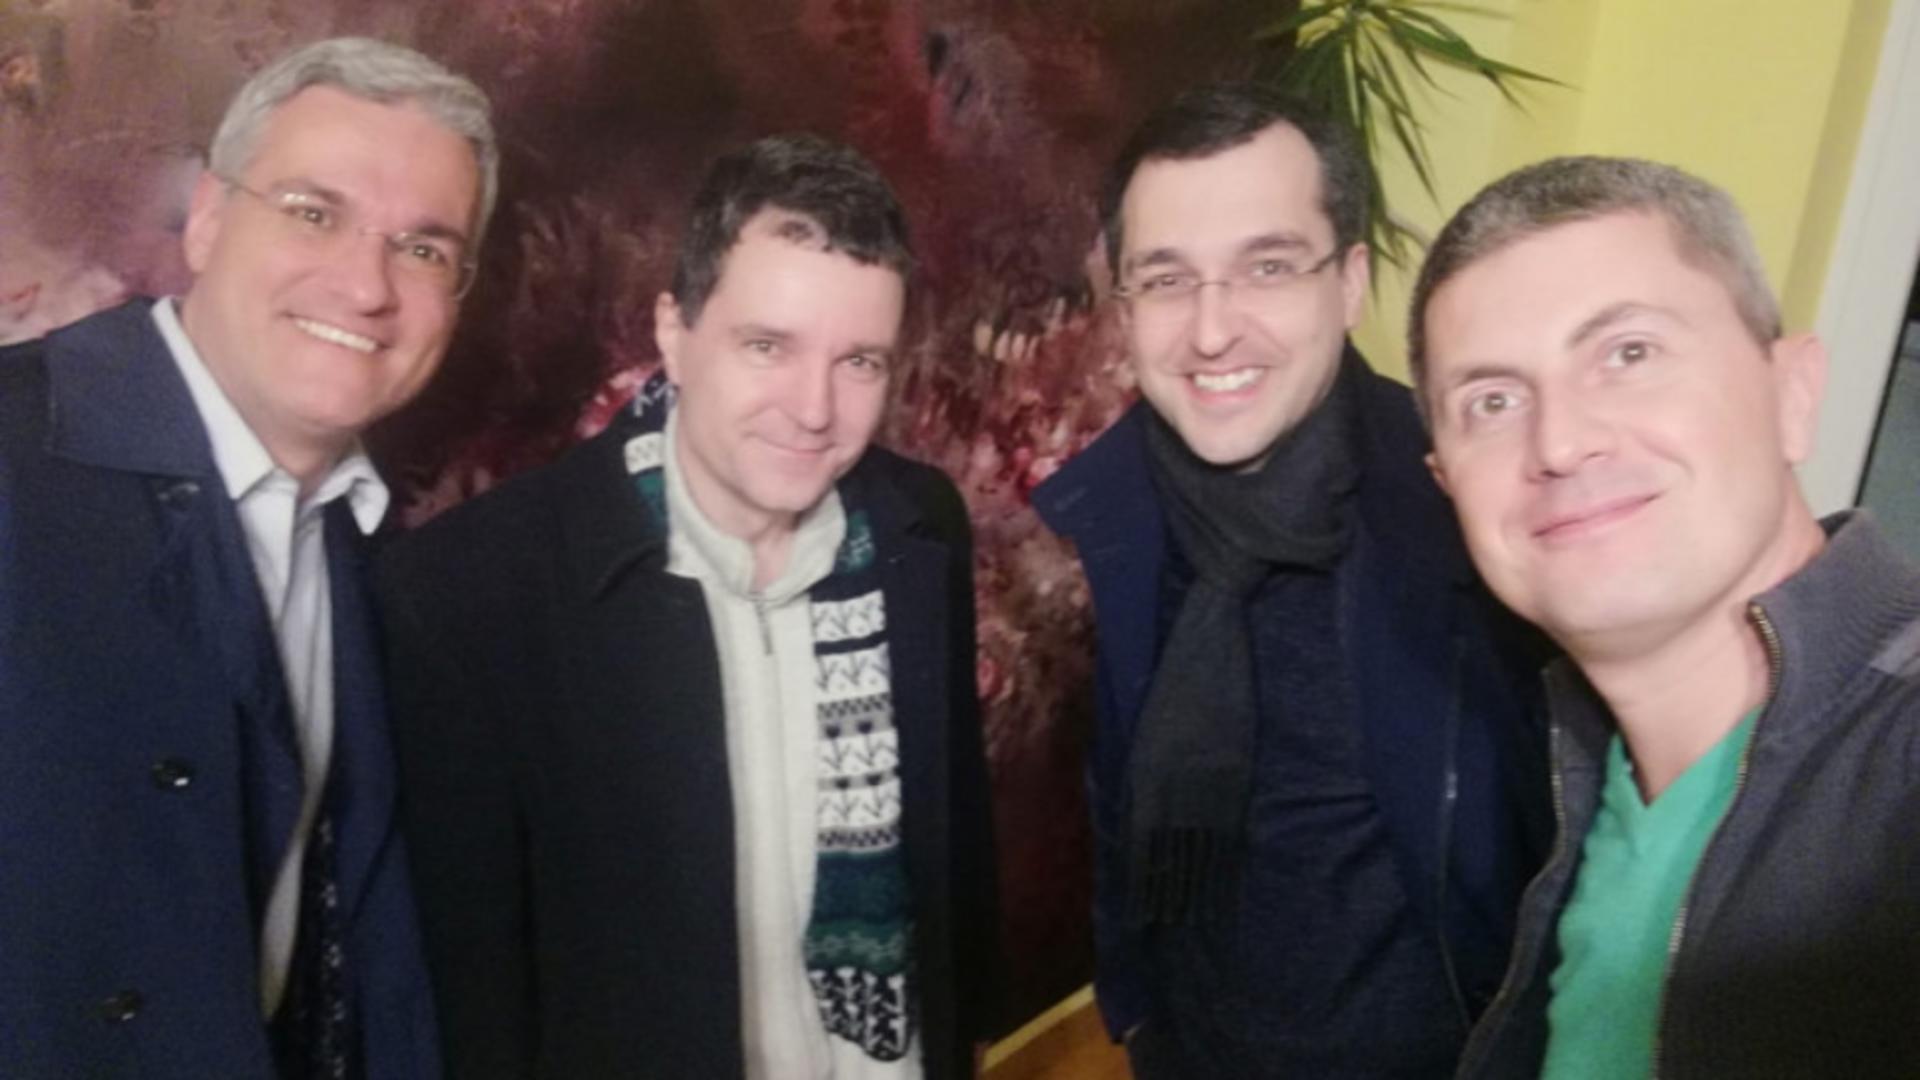 Dragos Pâslaru, Nicușor Dan, Vlad Voiculescu, Dan Barna